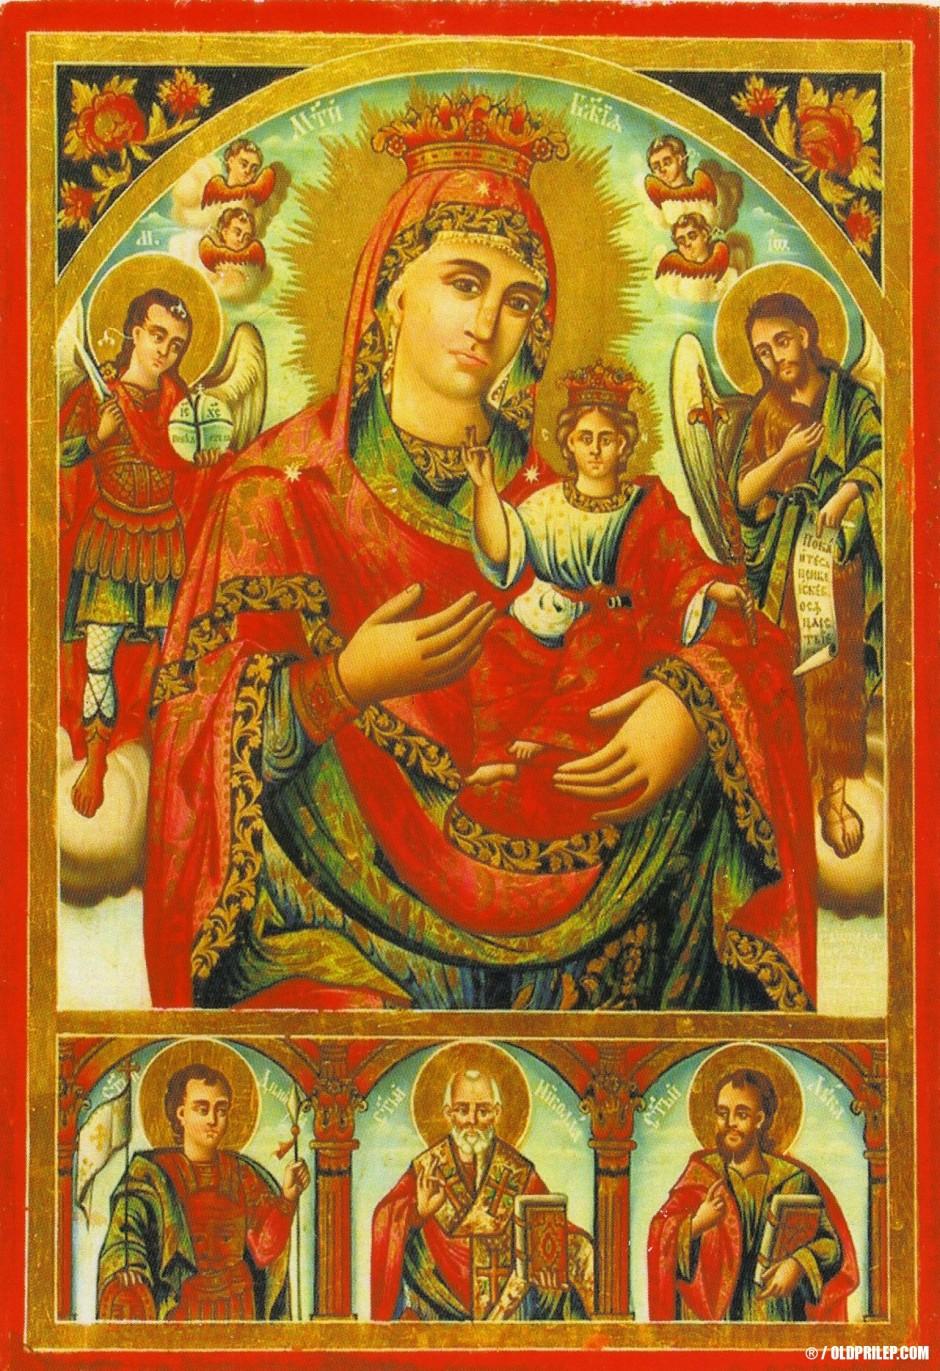 """Јован Атанасов-Прилепчанин: """"Пресвета Богородица со Господ Исус Христос"""""""